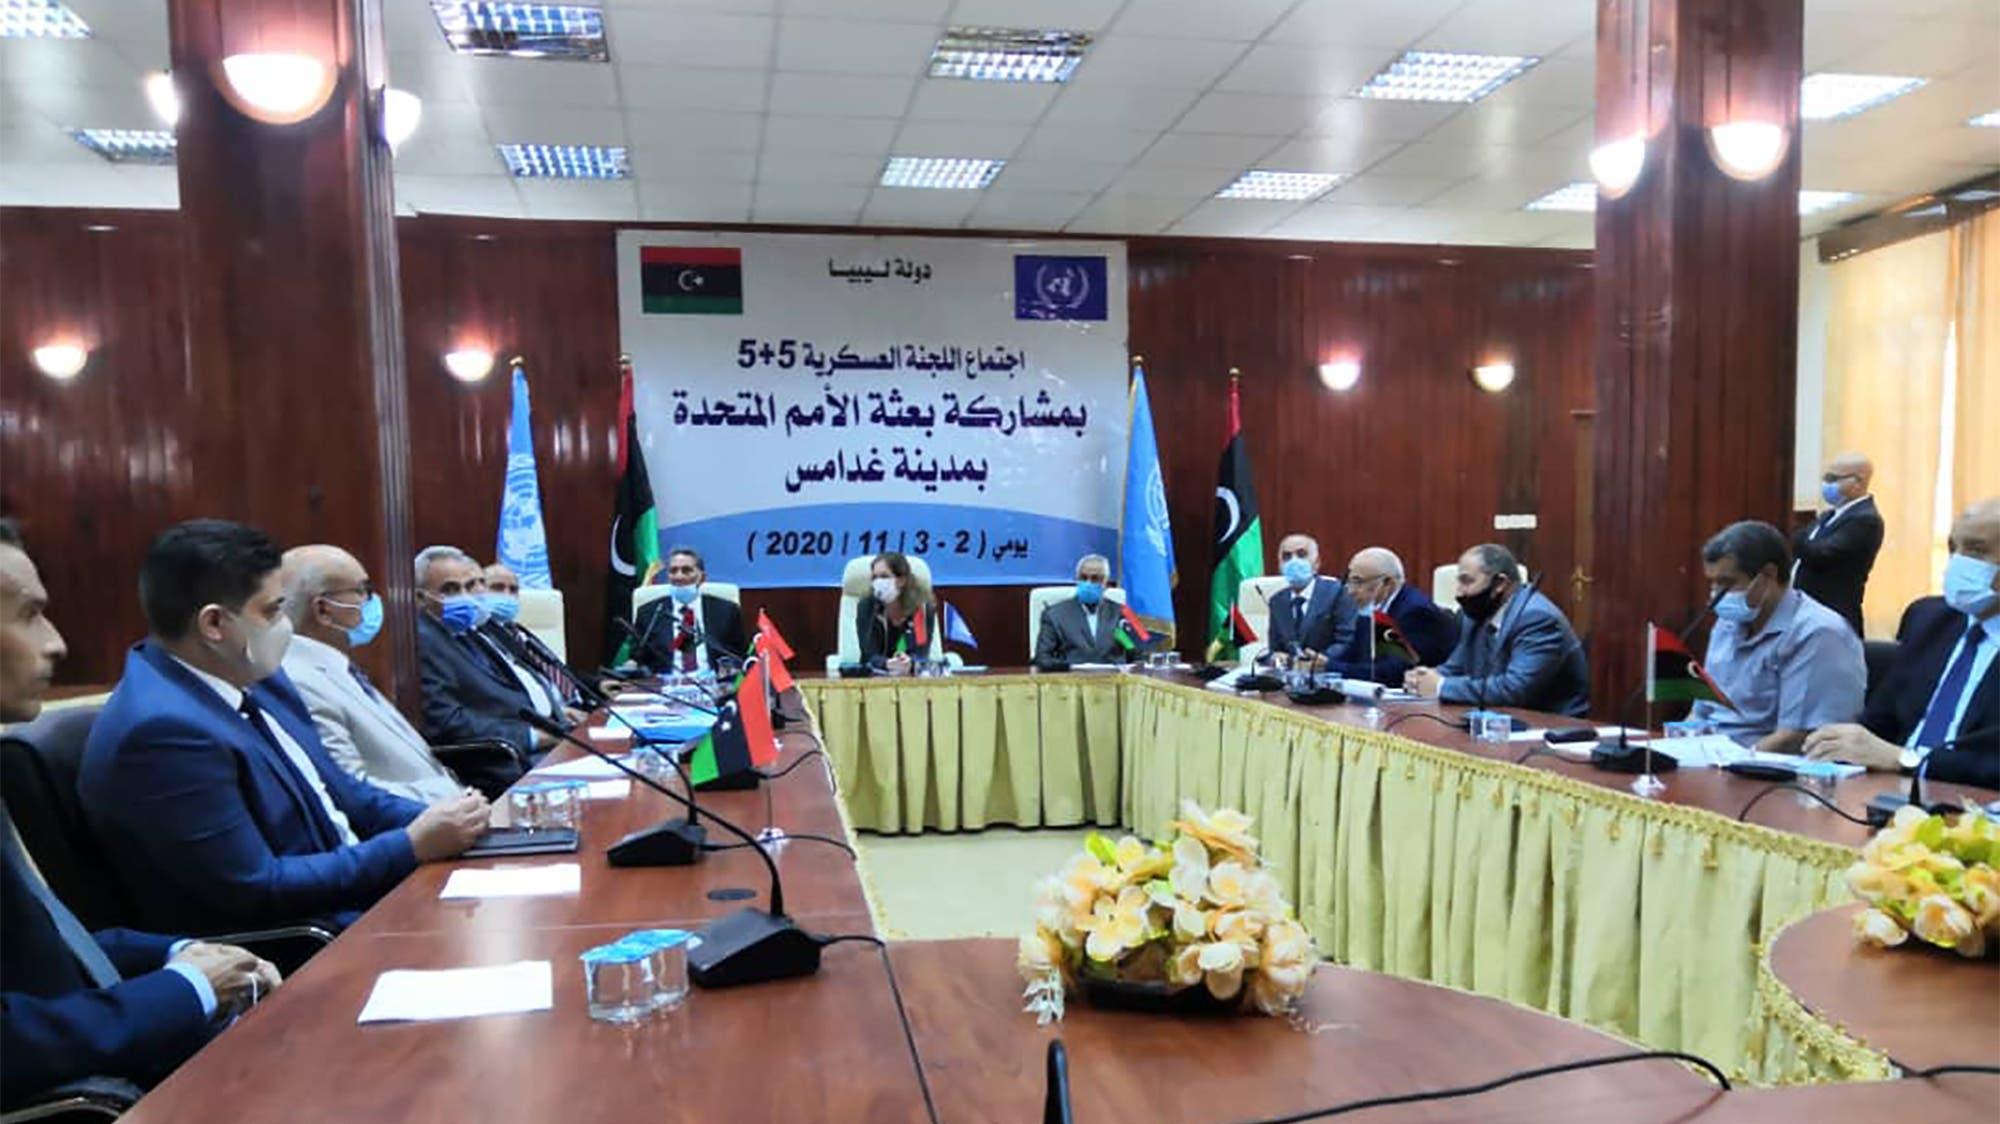 اجتماع اللجنة الليبية العسكرية المشتركة في غدامس (أرشيفية- فرانس برس)